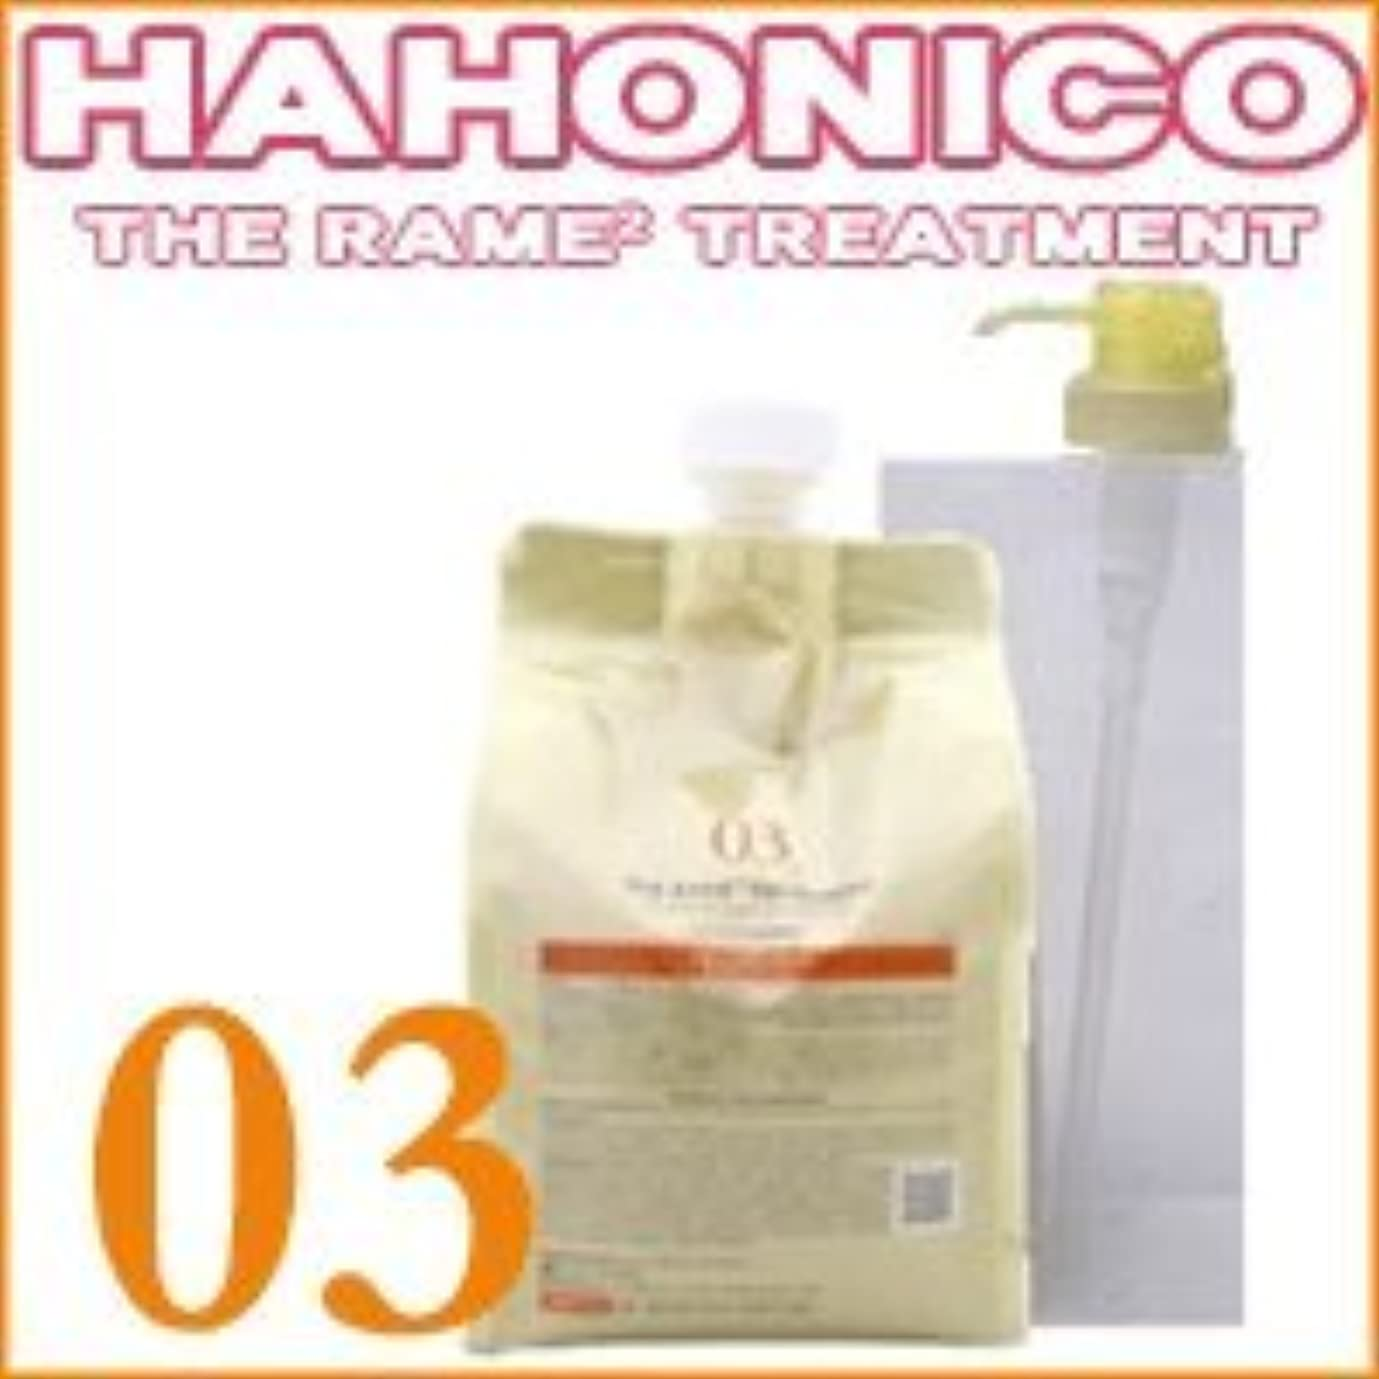 微弱若さ冷淡なハホニコ ザラメラメ 3 反応型トリートメント 1000g 専用カバー&ポンプ付き